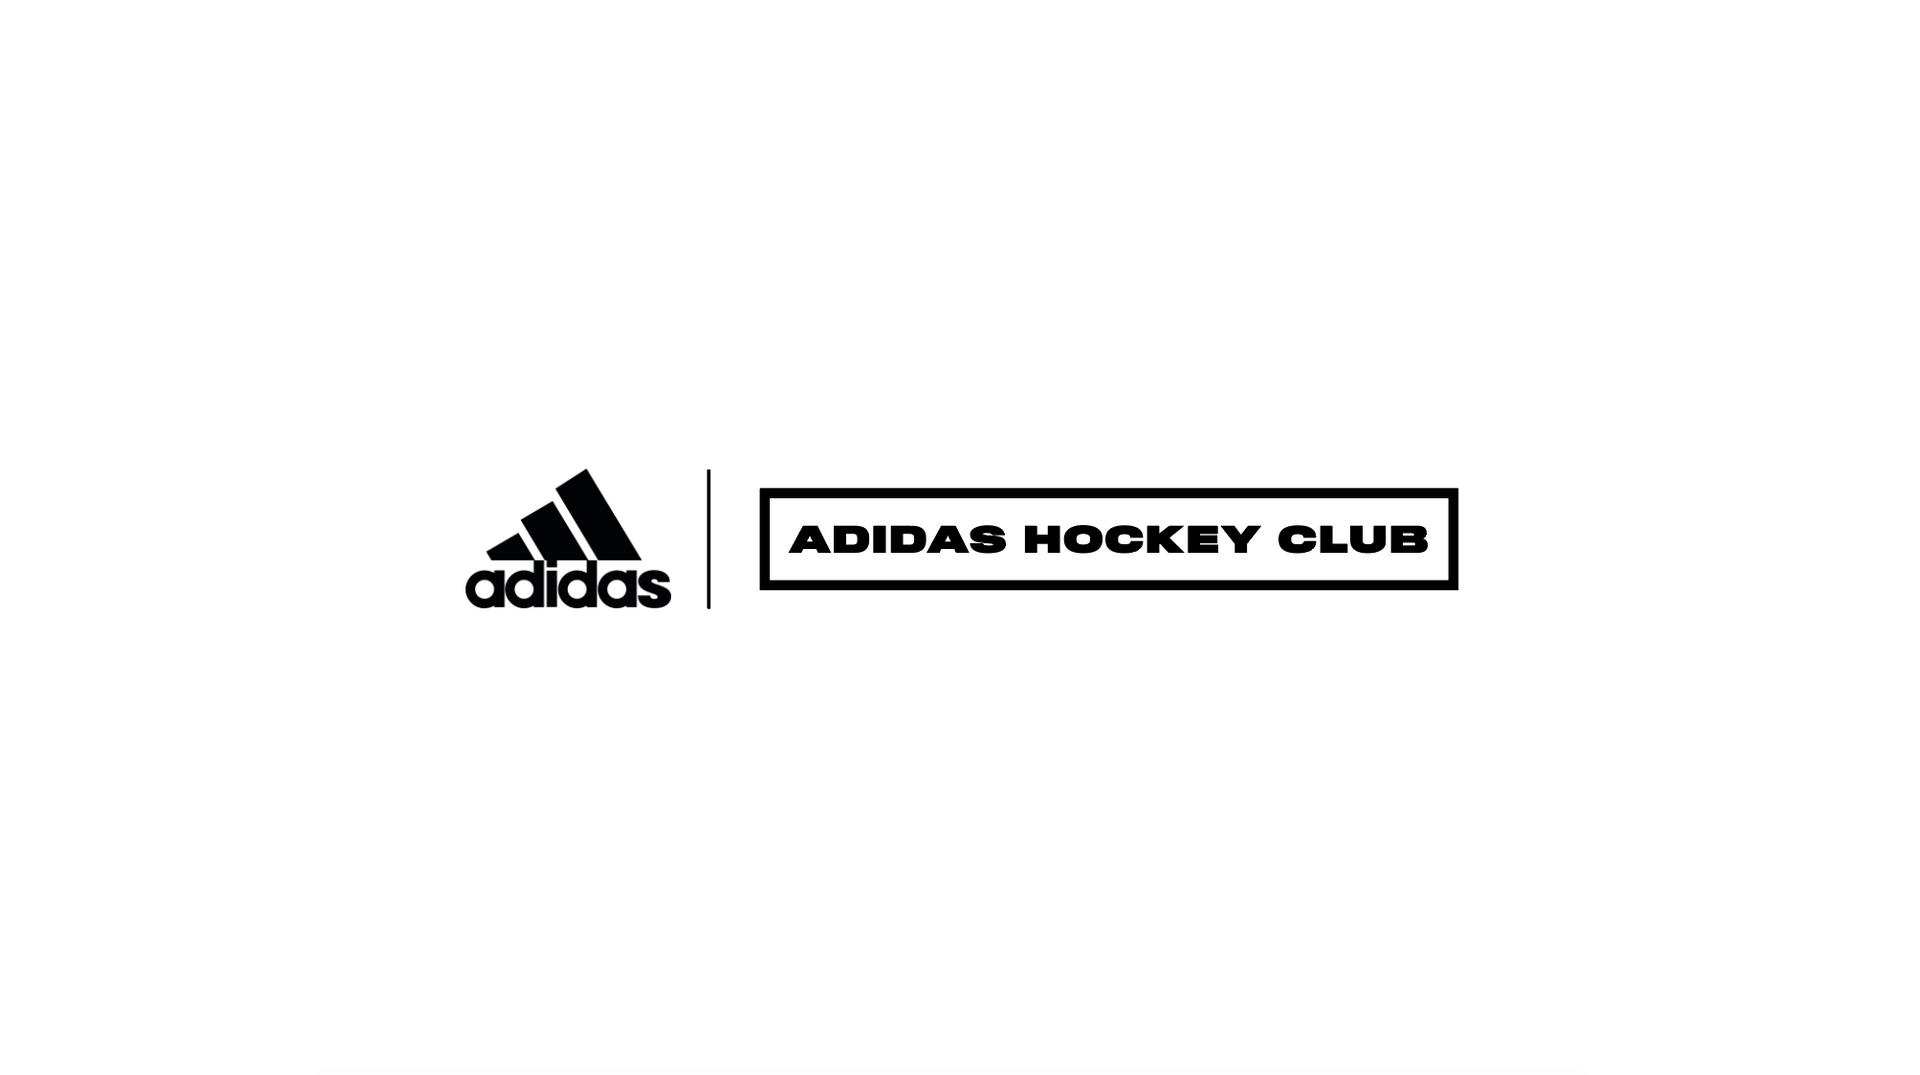 Adidas Hockey Club